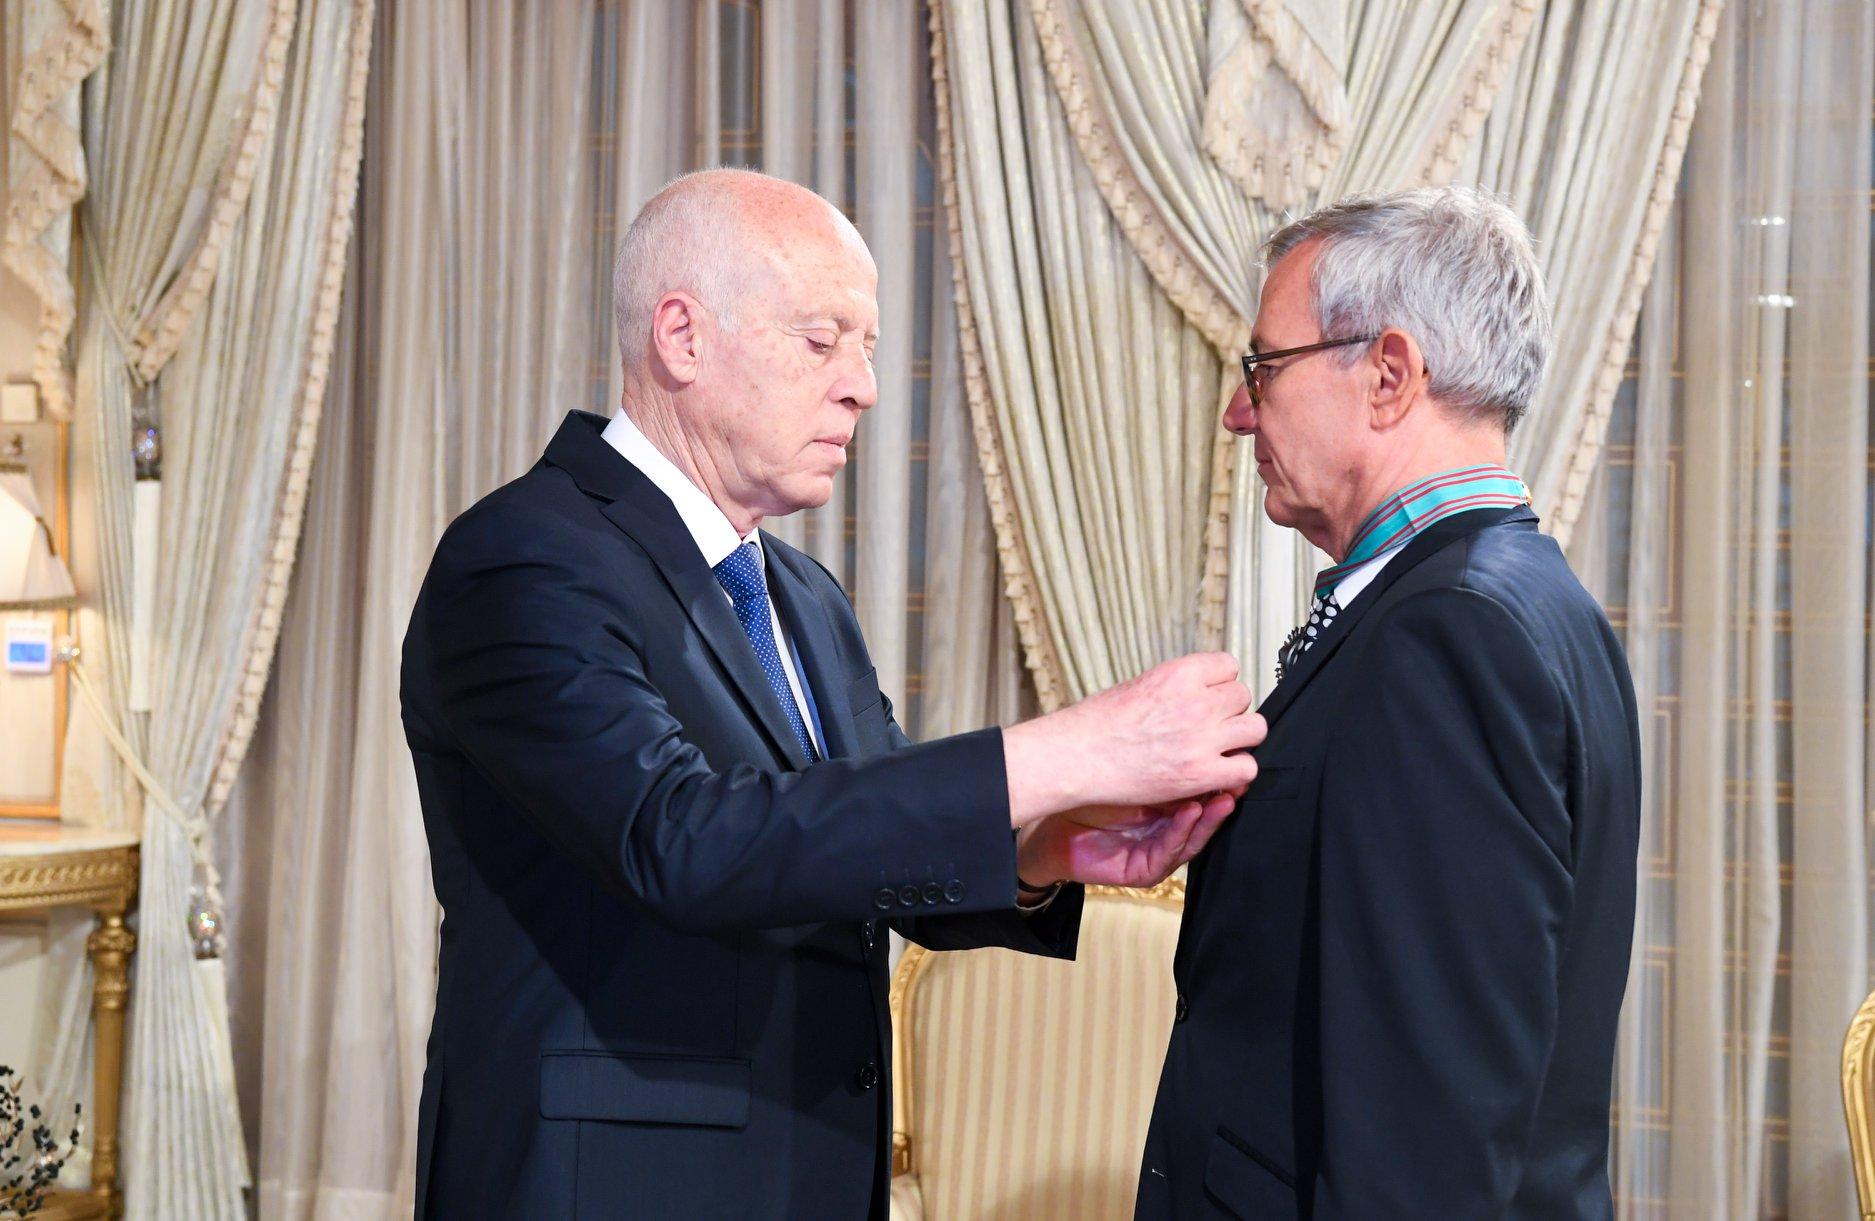 قيس سعيّد يمنح سفير ألمانيا الصنف الأول من وسام الجمهورية